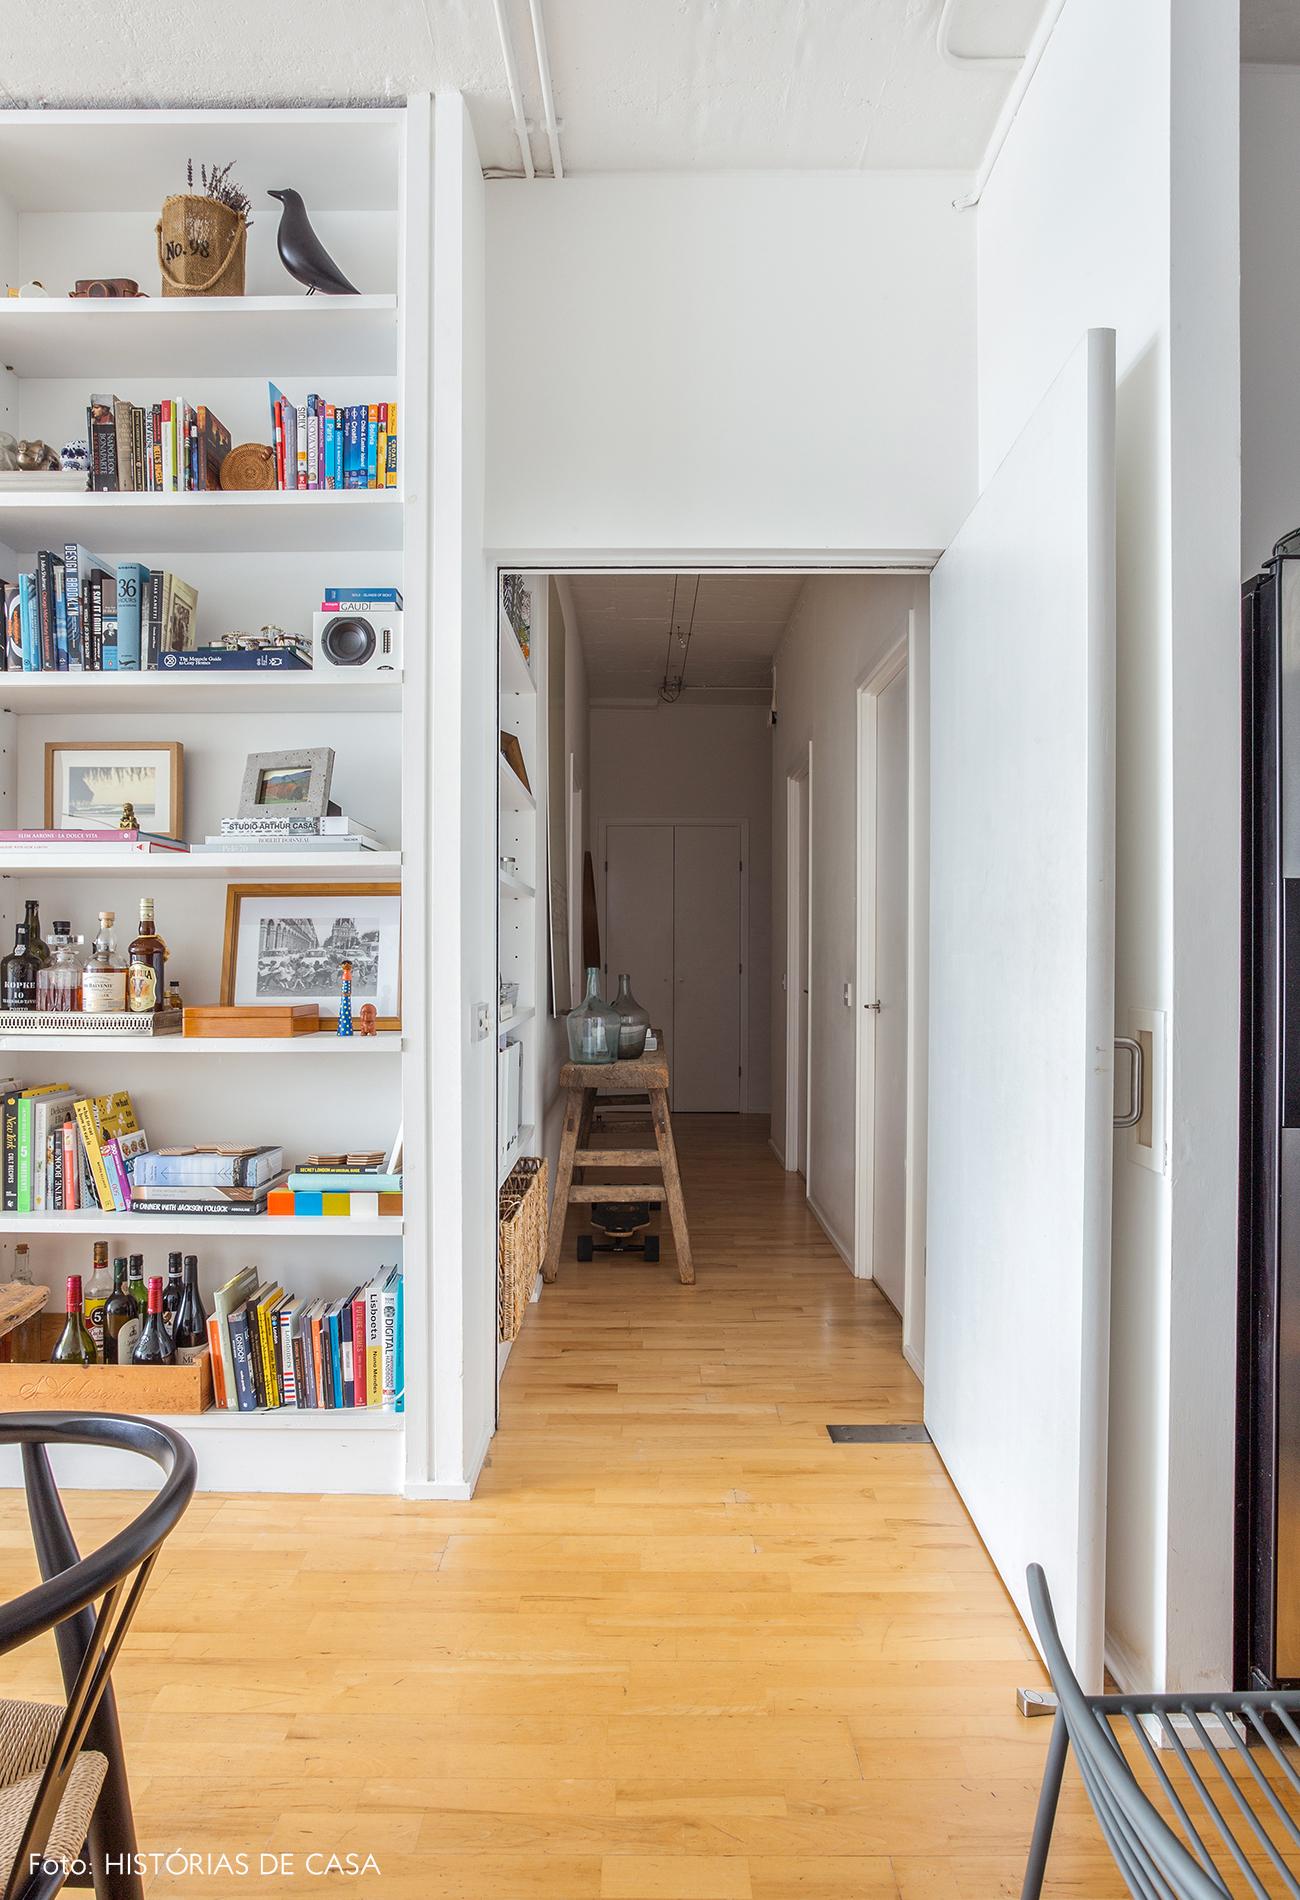 Estante branca decorada com objetos legais e piso de madeira